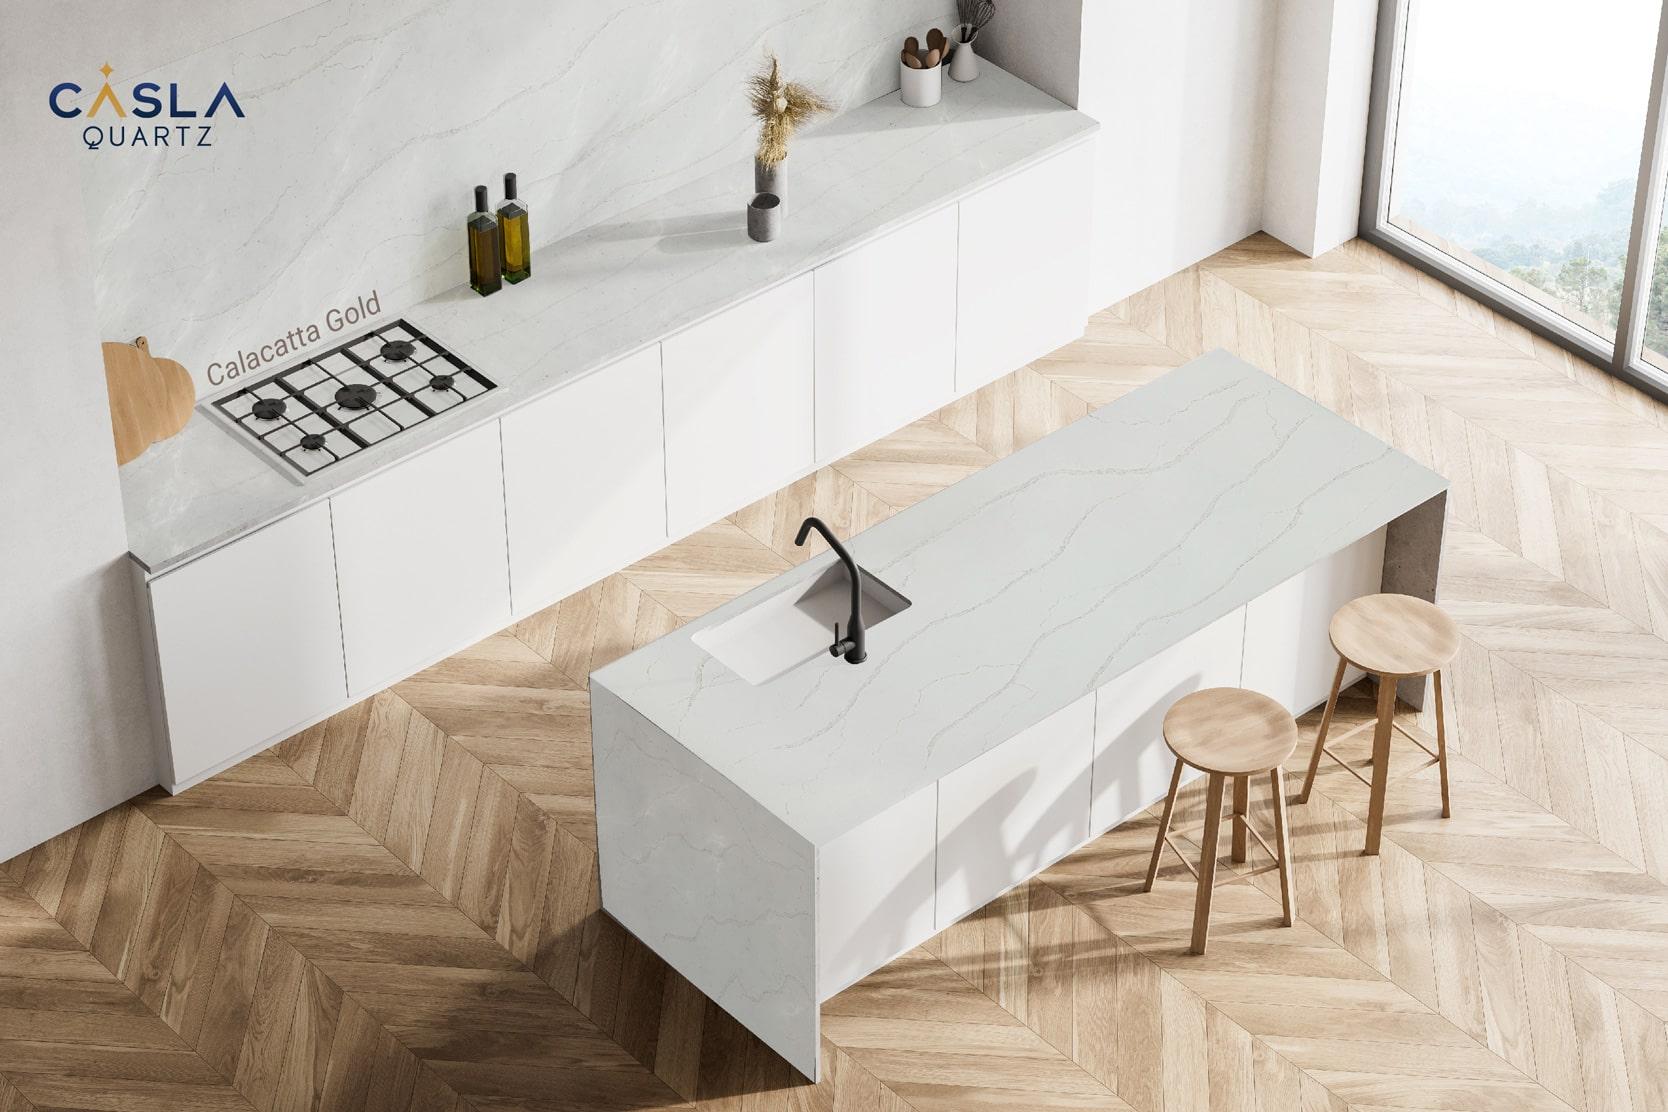 Ứng dụng đá Calacatta Gold làm mặt bàn bếp cao cấp